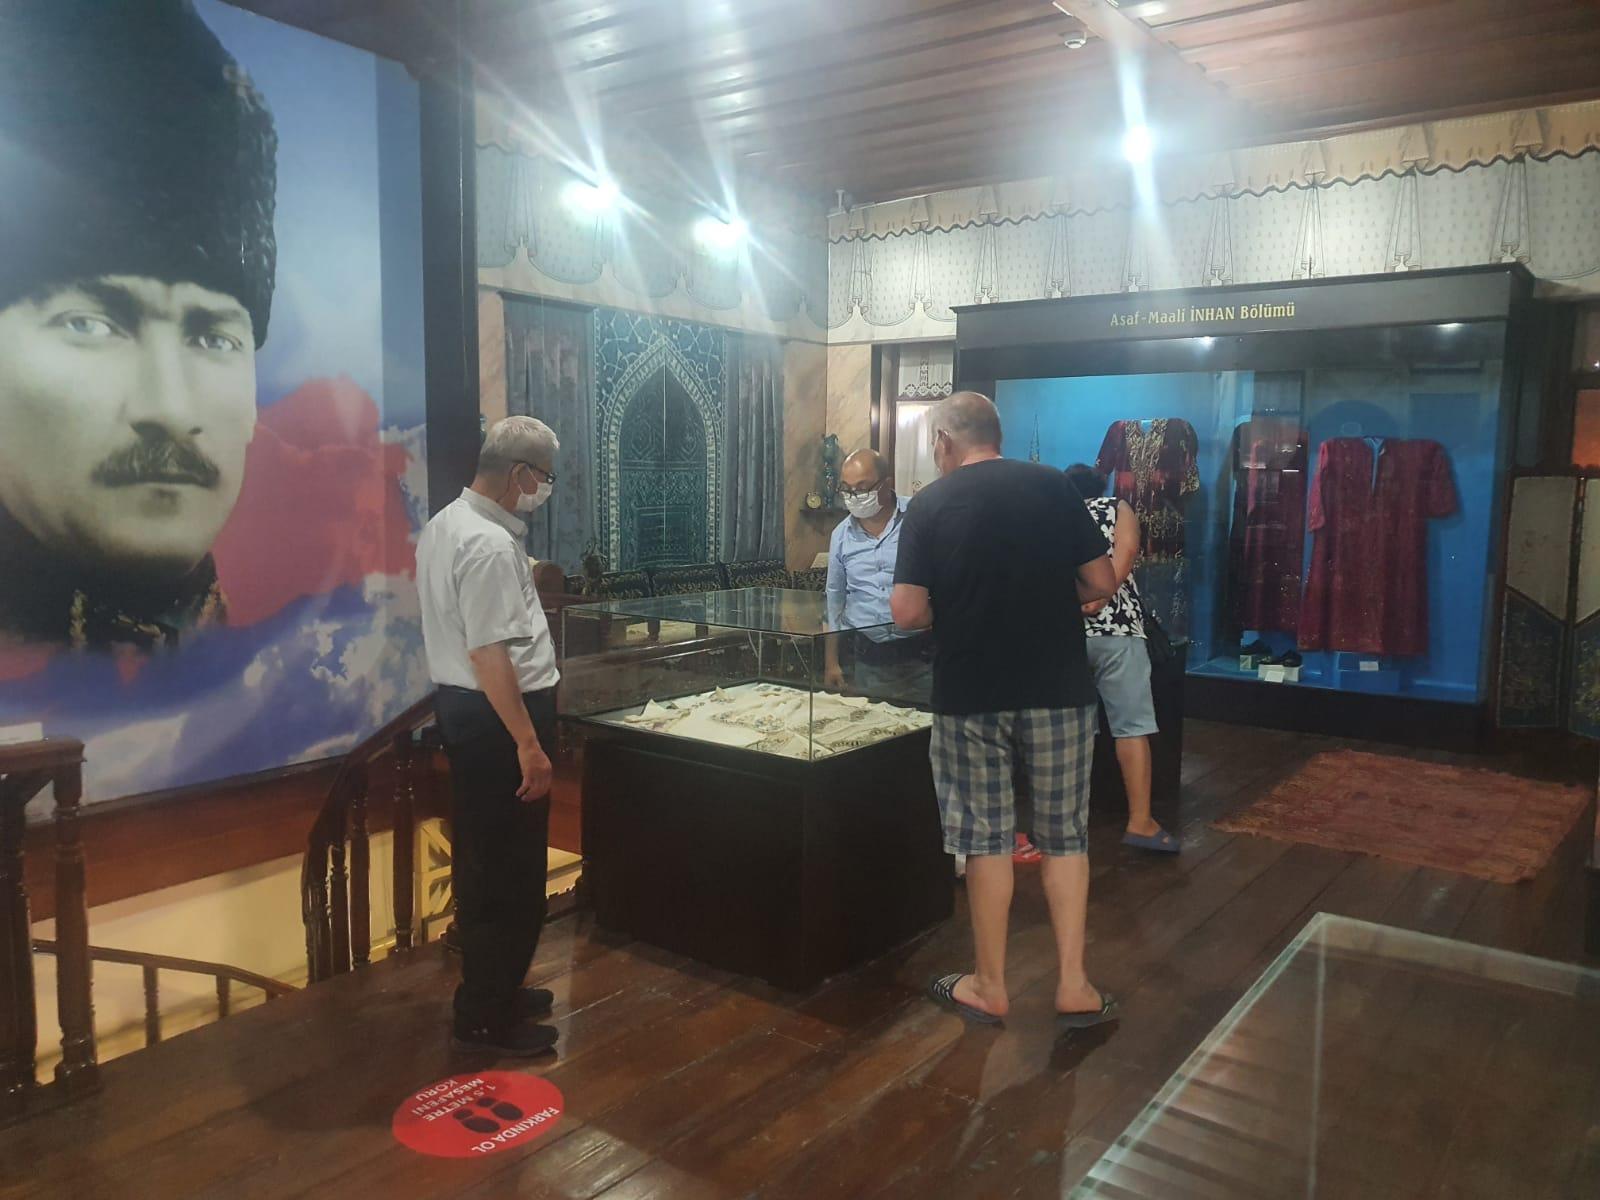 Burhaniye Müzesi Açıldı